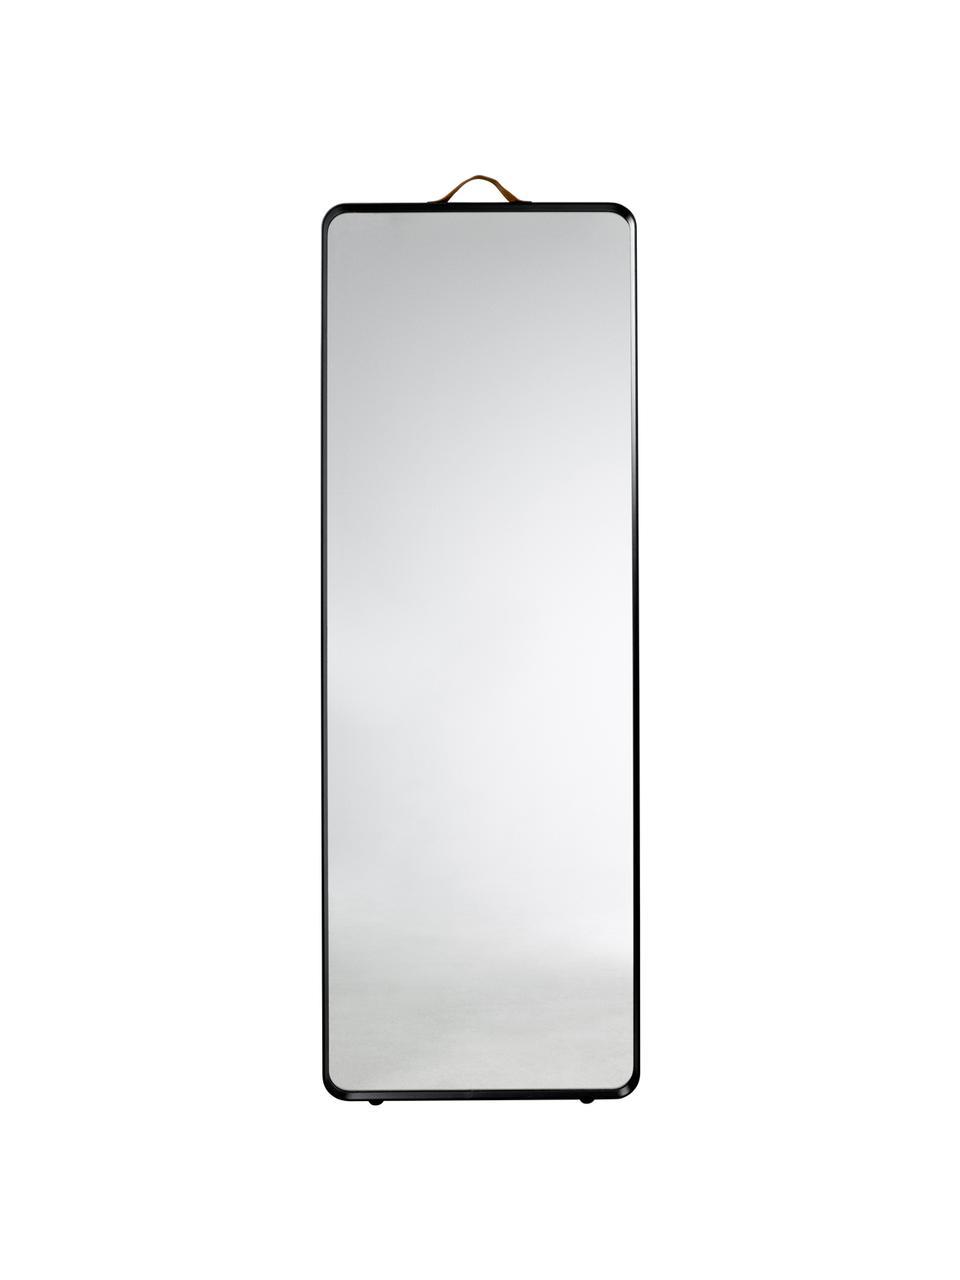 Eckiger Wandspiegel Norm mit schwarzem Aluminiumrahmen, Rahmen: Aluminium, pulverbeschich, Griff: Leder, Spiegelfläche: Spiegelglas, Schwarz, 60 x 170 cm